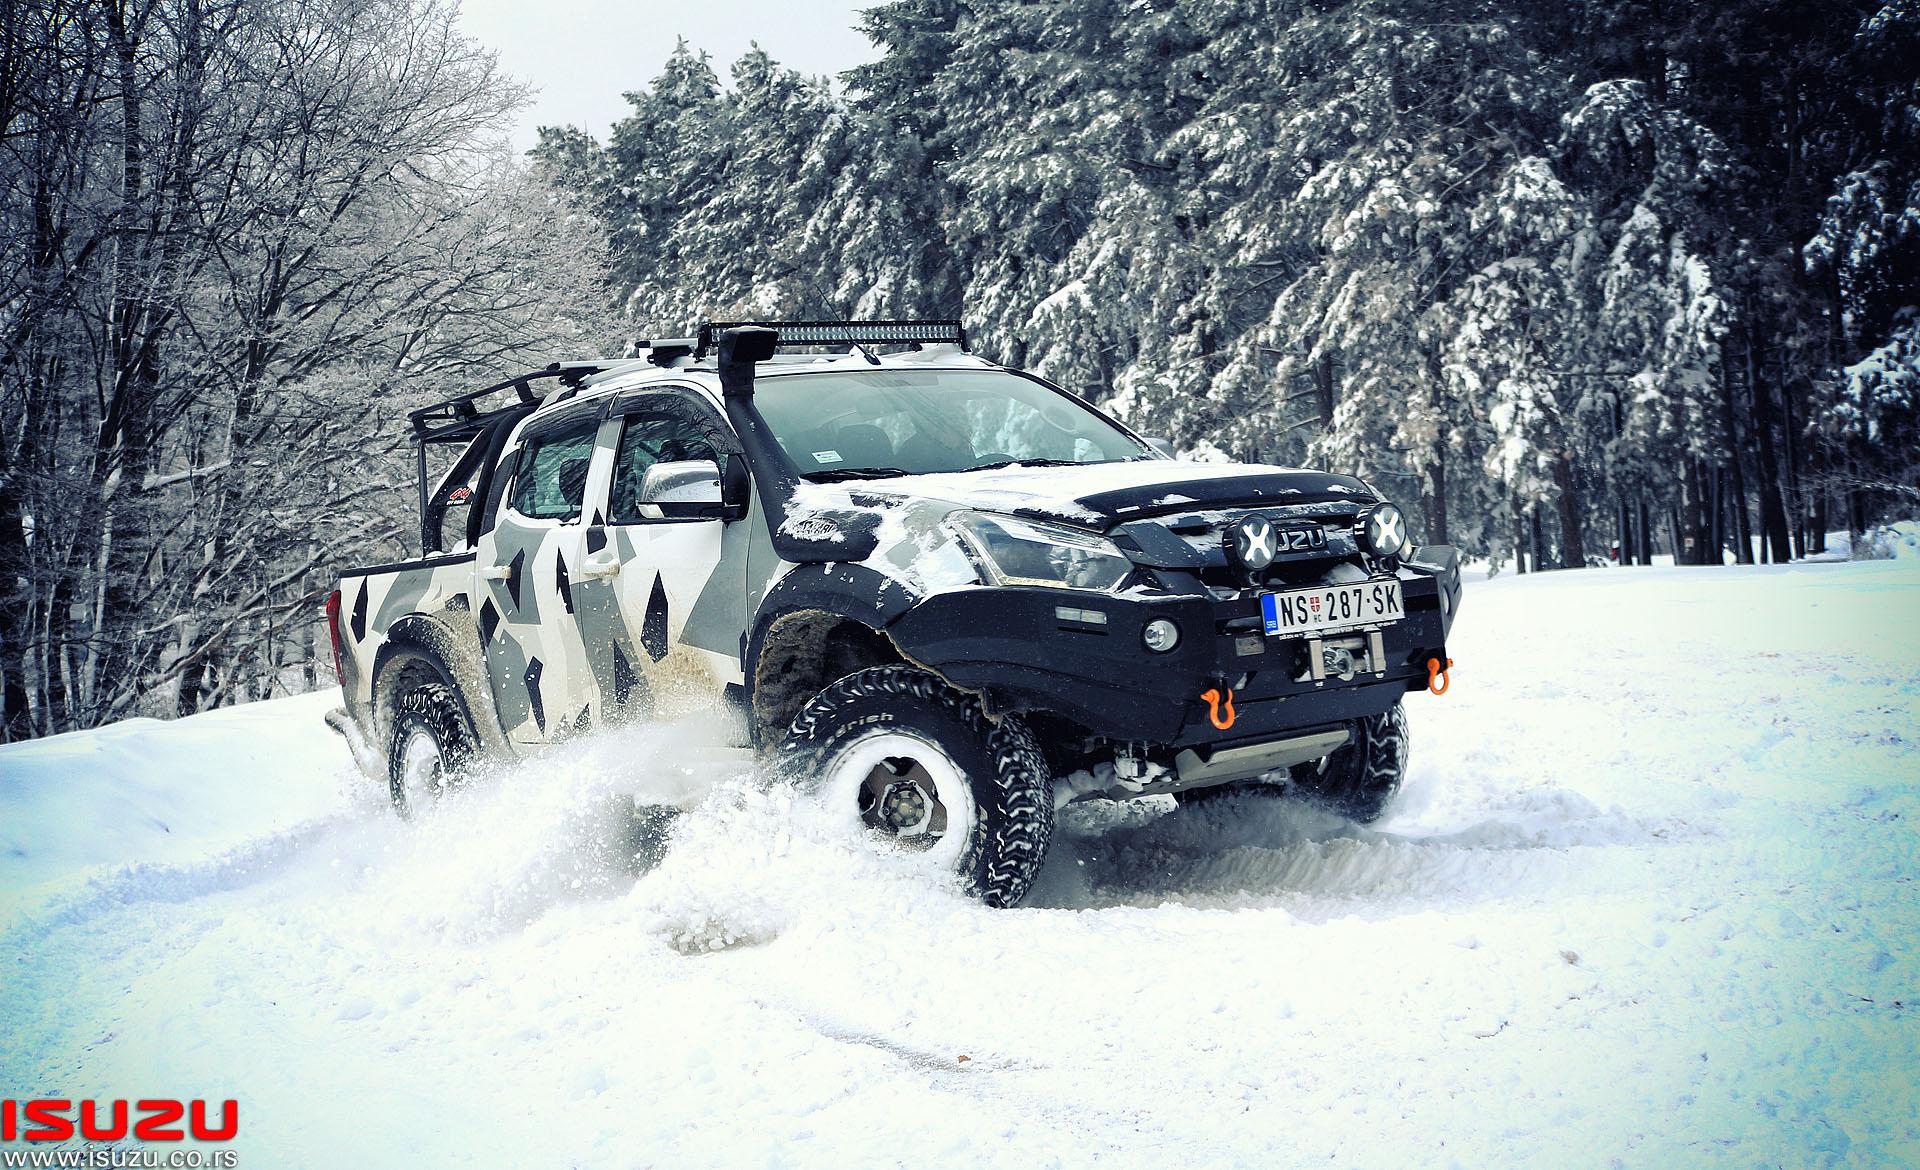 isuzu d-max monster truck adventure